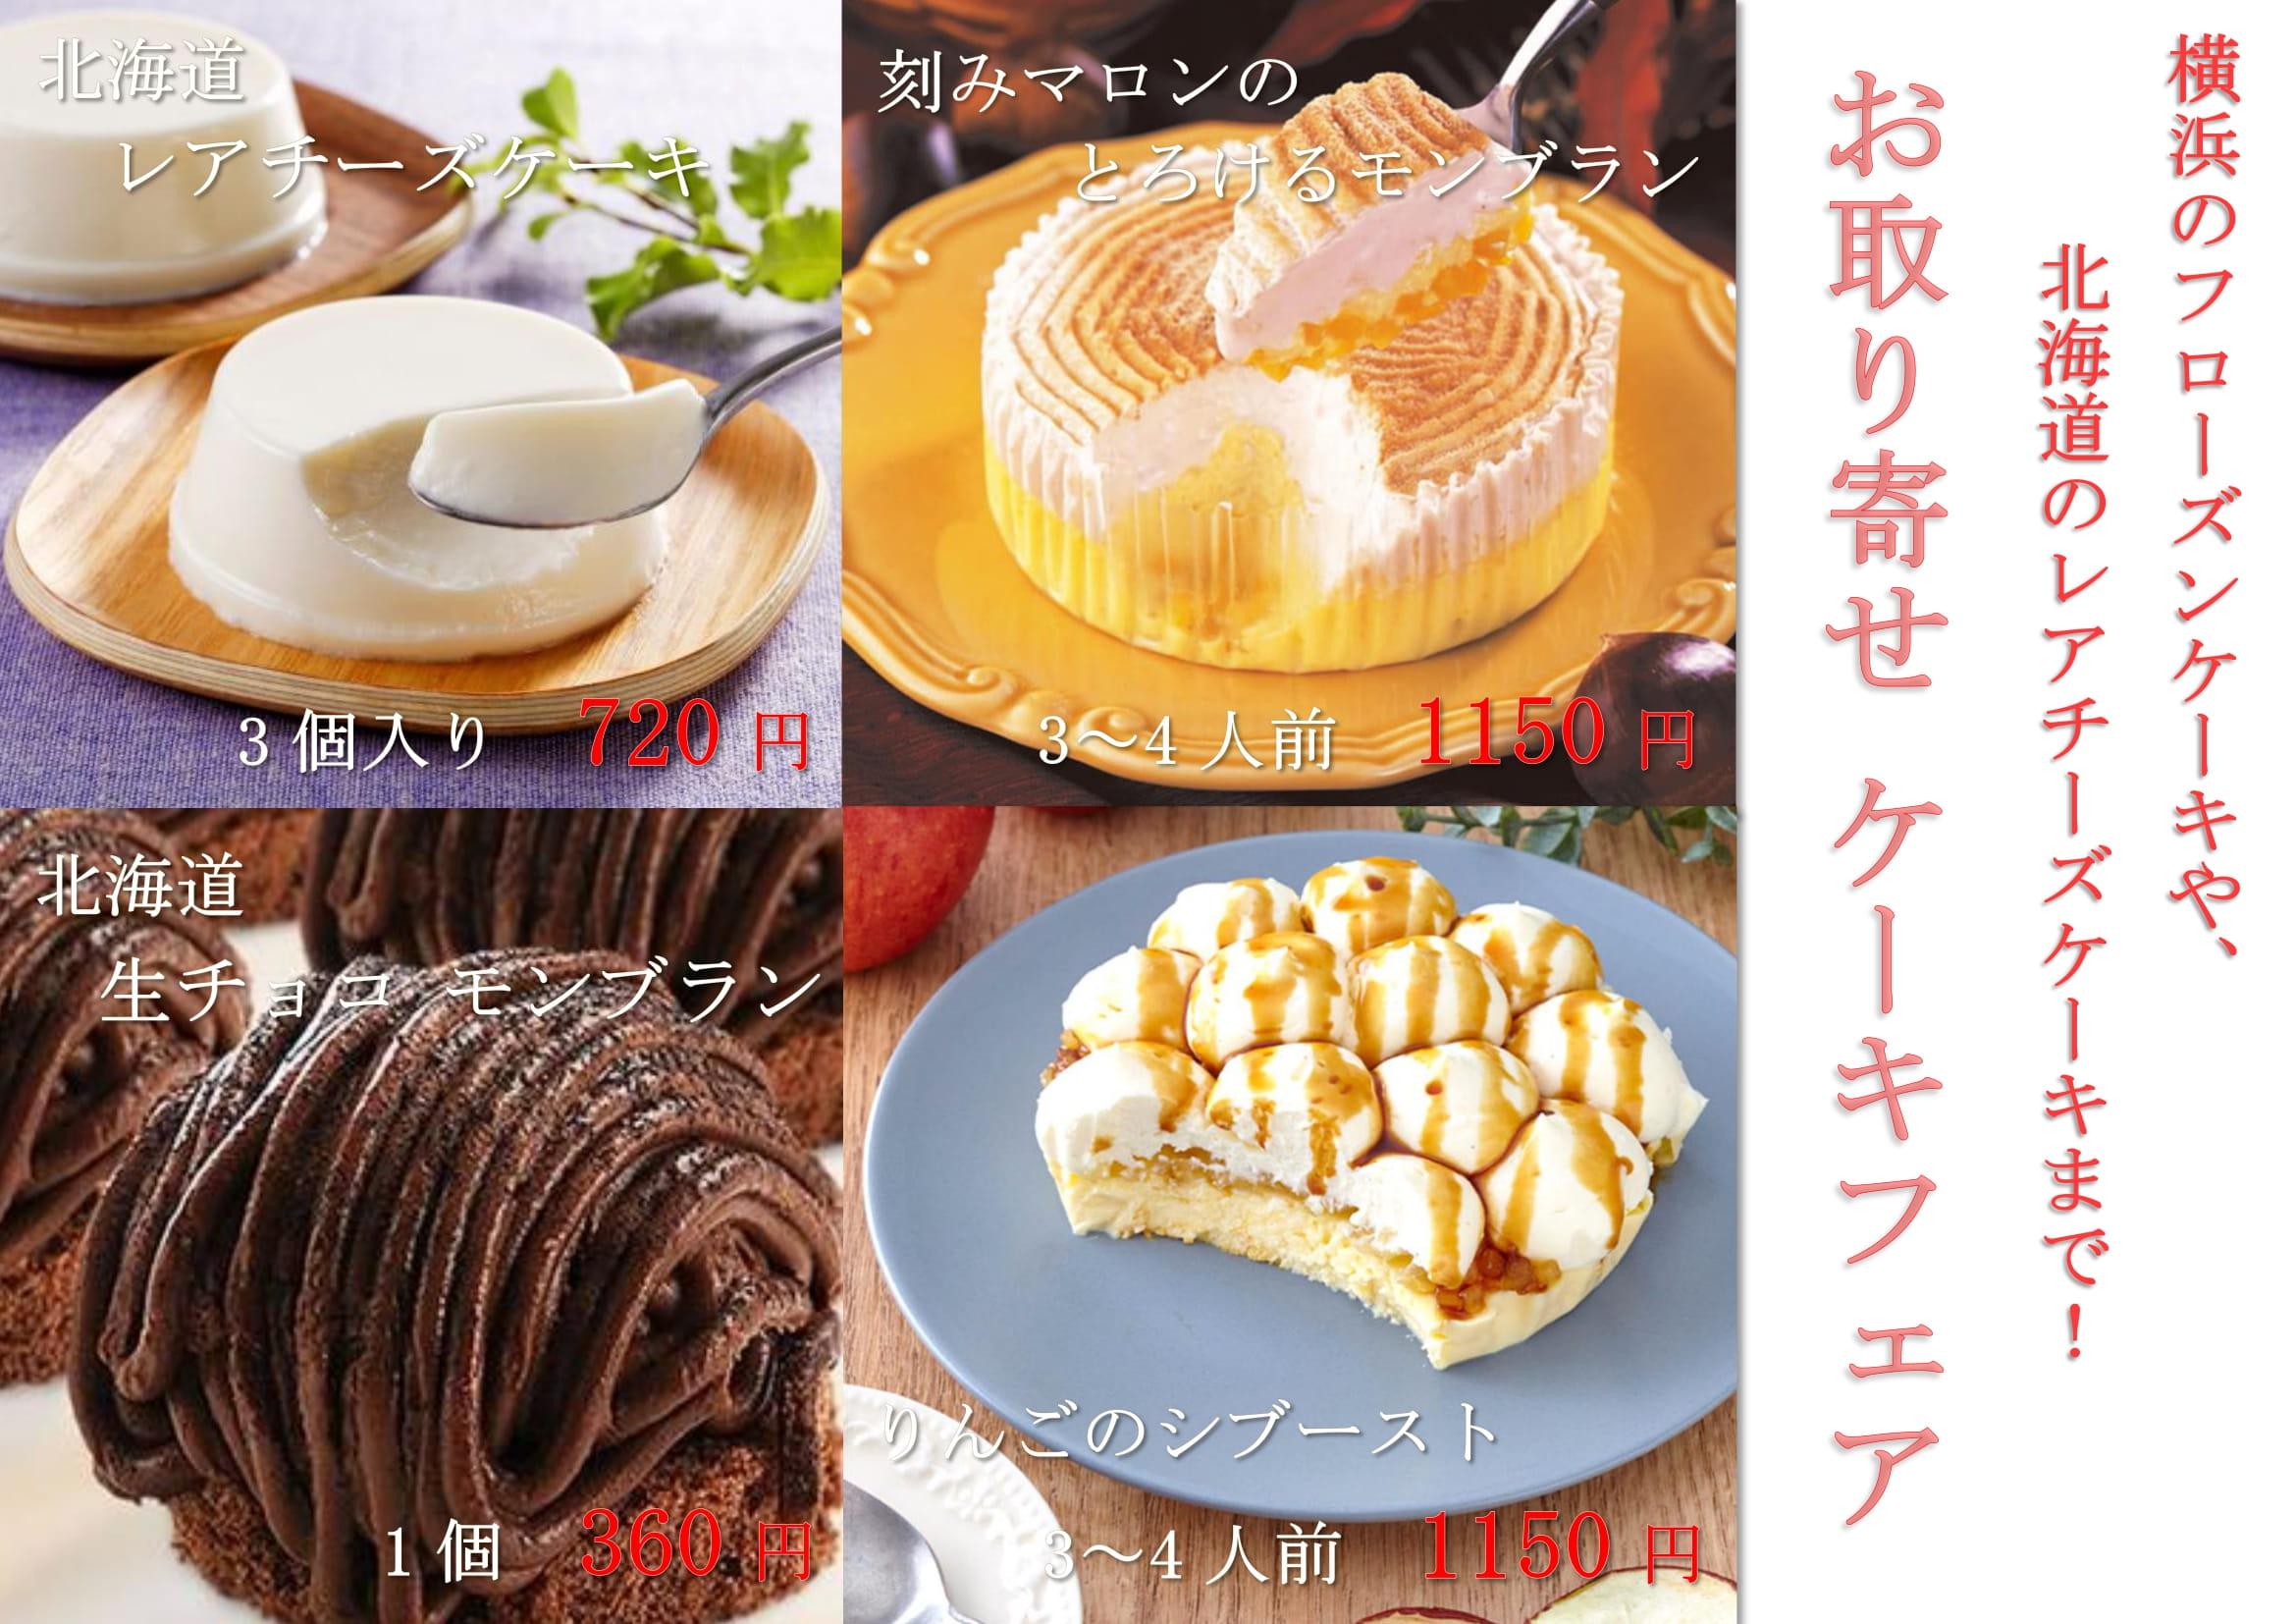 日にちなし価格入り【お取り寄せケーキ】秋混合-1